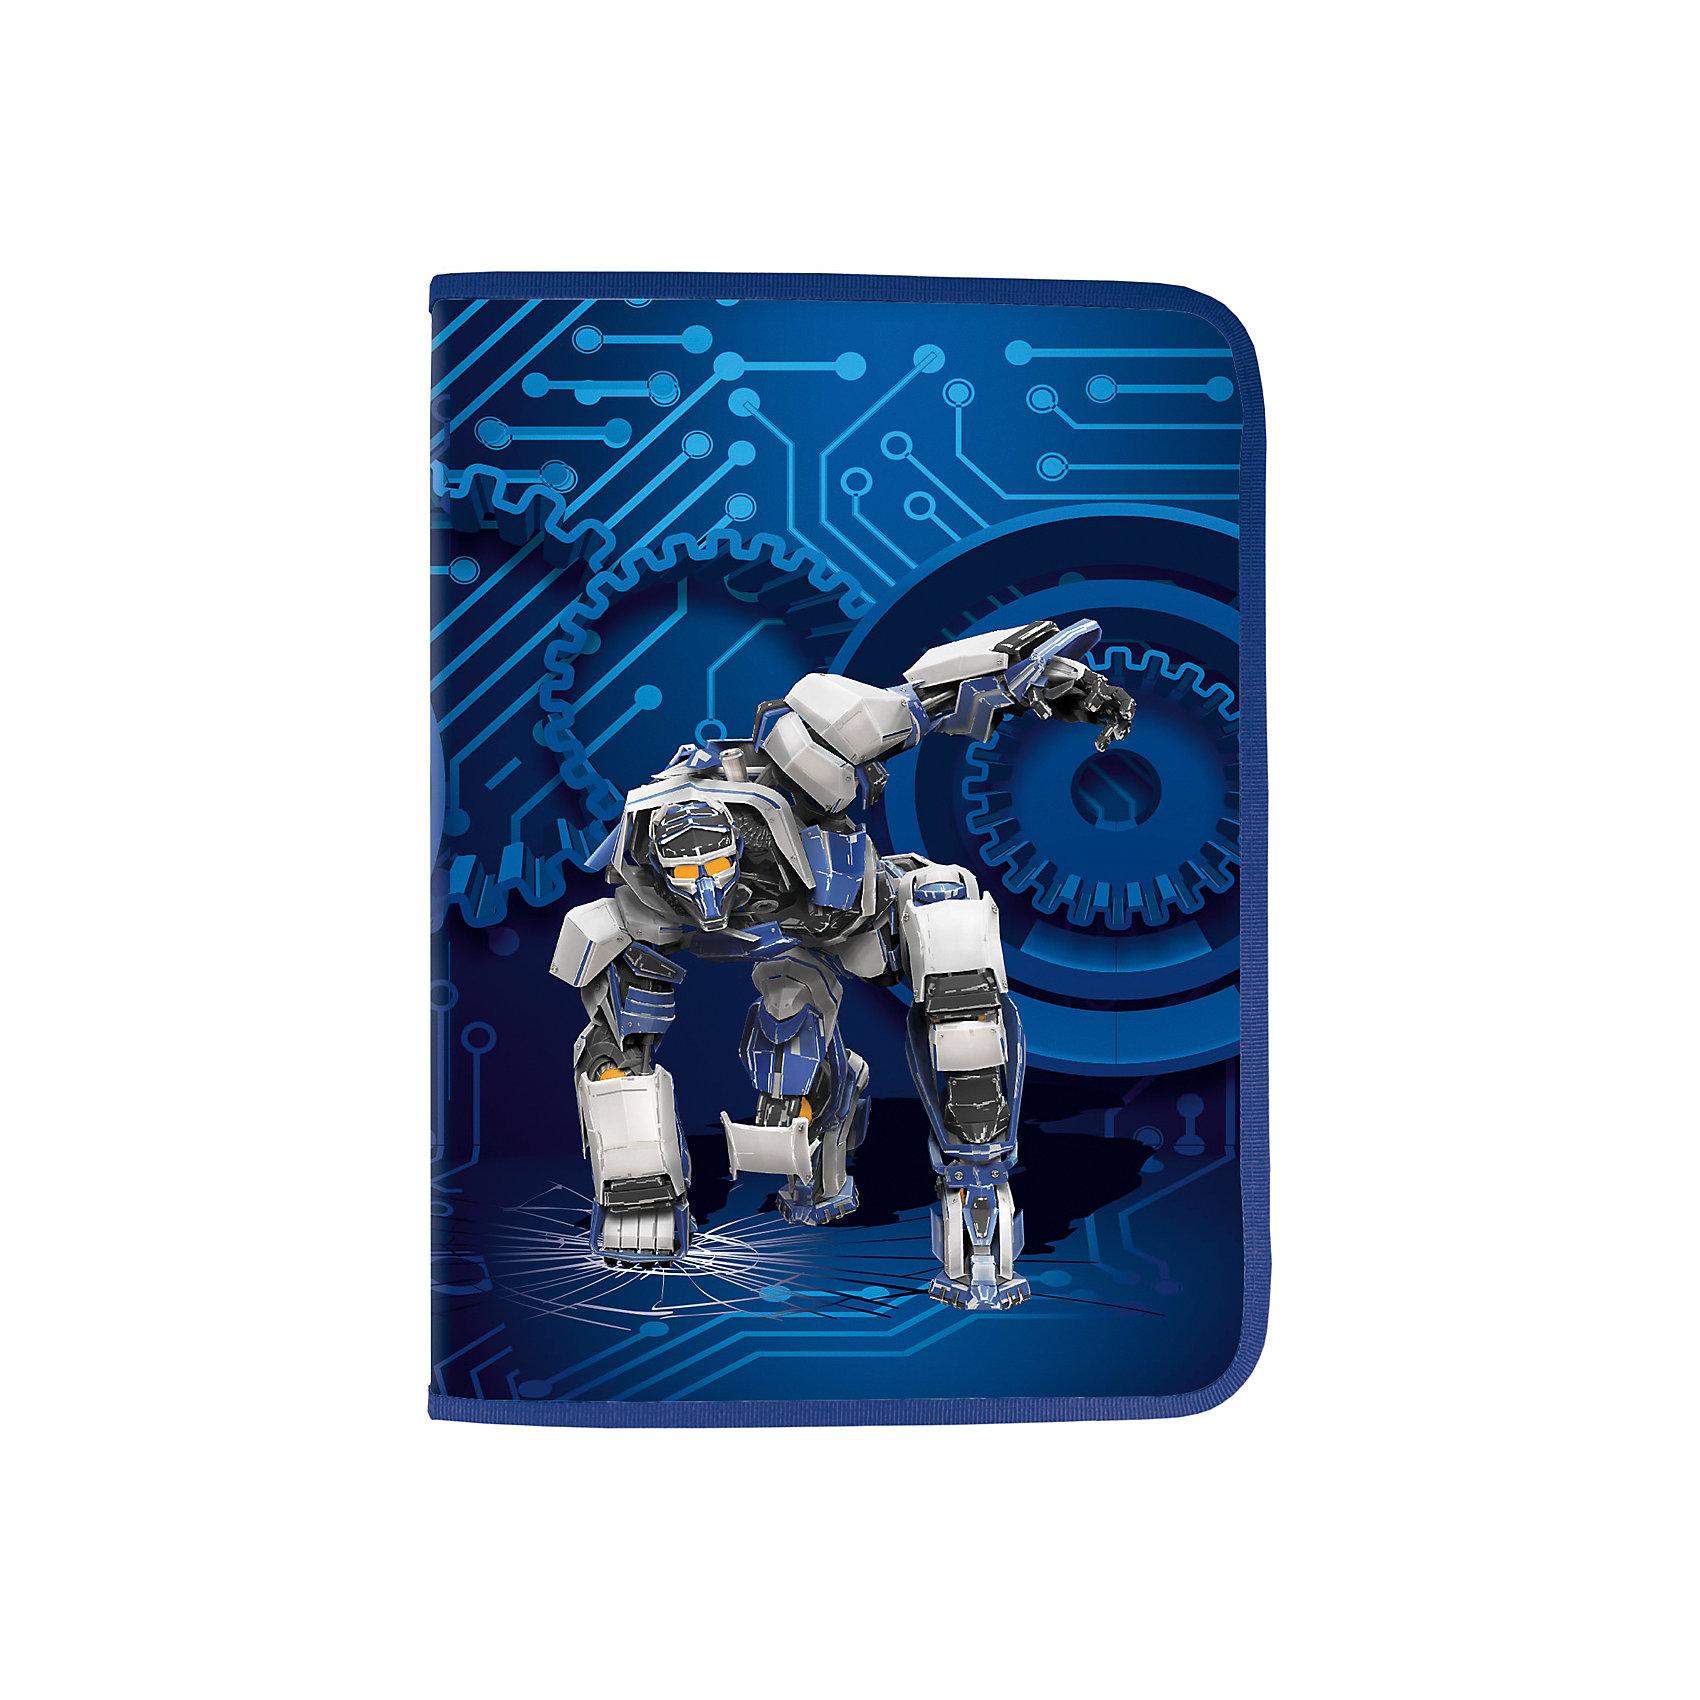 Папка для труда Робот, А4Папка для труда Робот предназначена для мальчиков. Она выполнена в черном и темно-синем цвете, а дополняет её изображение робота, которое сразу  привлечет внимание маленьких техников.<br><br>Дополнительная информация: <br><br>- Формат А4 (330х230 мм).<br>- 1 отделение.<br>- Материал-полипропилен.<br>- Вкладыш для принадлежностей.<br>- Застежка - молния с трех сторон.<br>- Размер упаковки: 23,5х33х1,2 см.<br>- Вес в упаковке: 199 г. <br><br>Папку для труда Робот можно купить в нашем магазине.<br><br>Ширина мм: 235<br>Глубина мм: 330<br>Высота мм: 12<br>Вес г: 199<br>Возраст от месяцев: 72<br>Возраст до месяцев: 2147483647<br>Пол: Унисекс<br>Возраст: Детский<br>SKU: 4792703